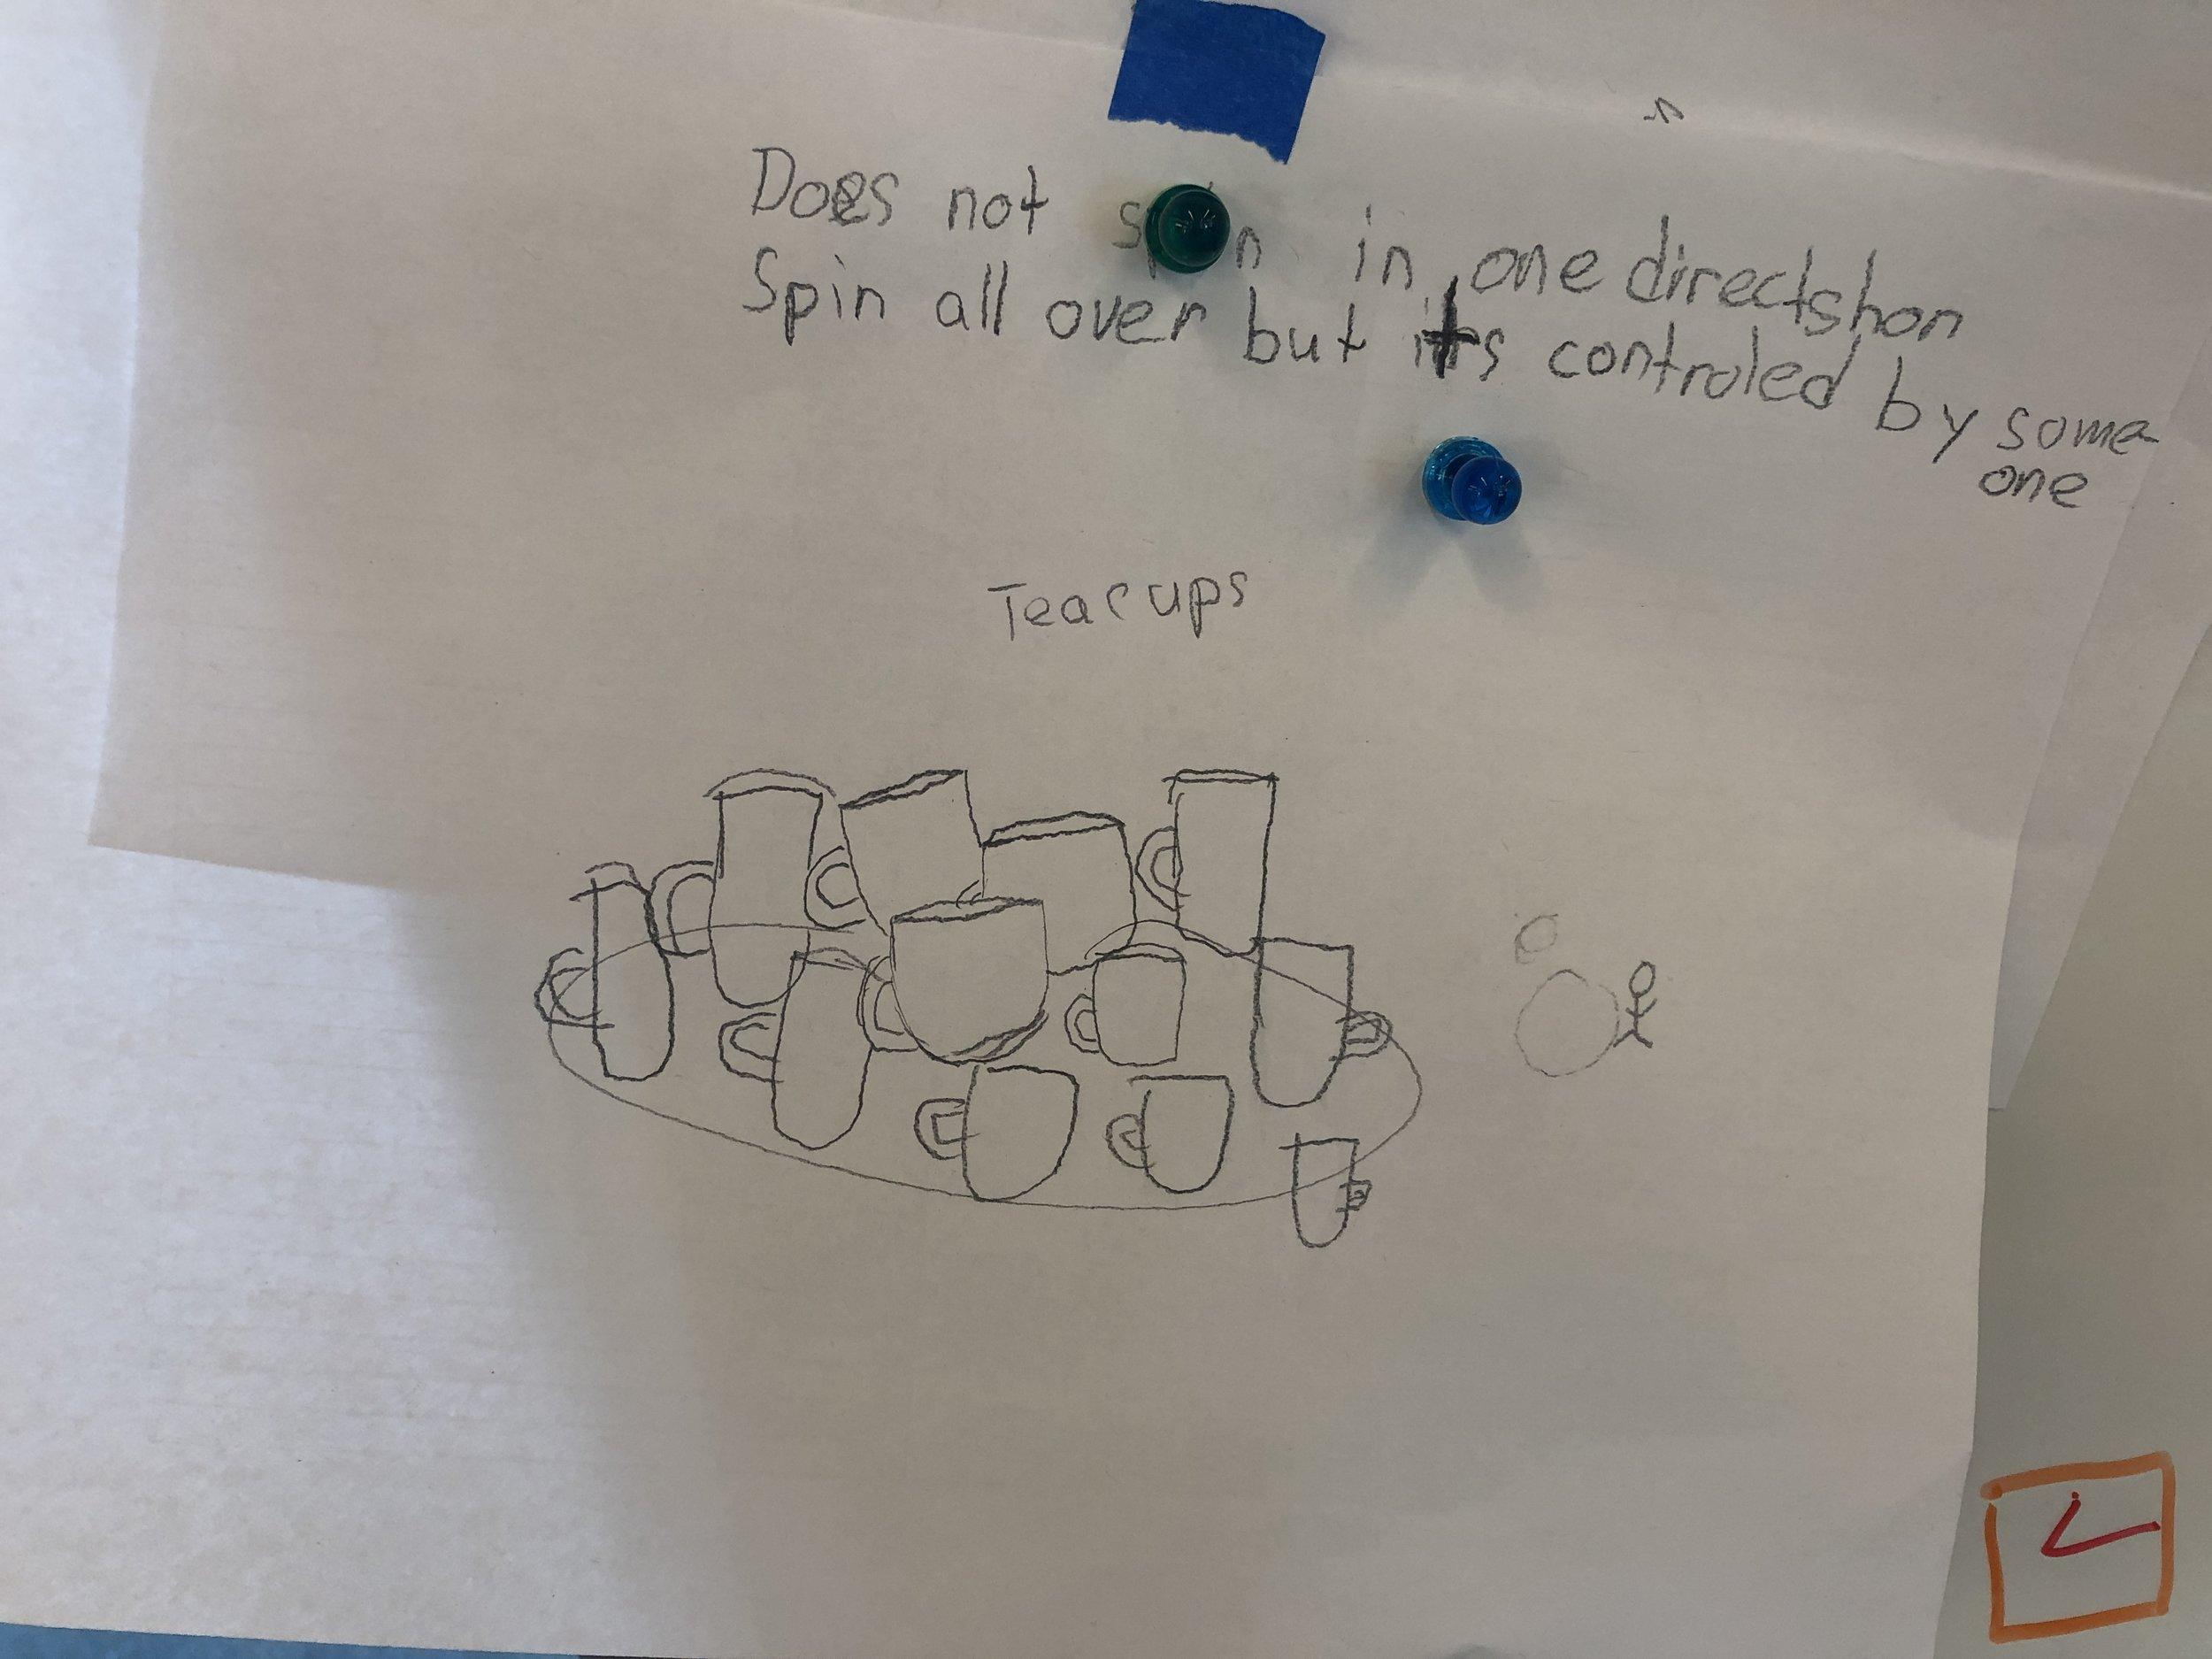 teacups sketch.JPG